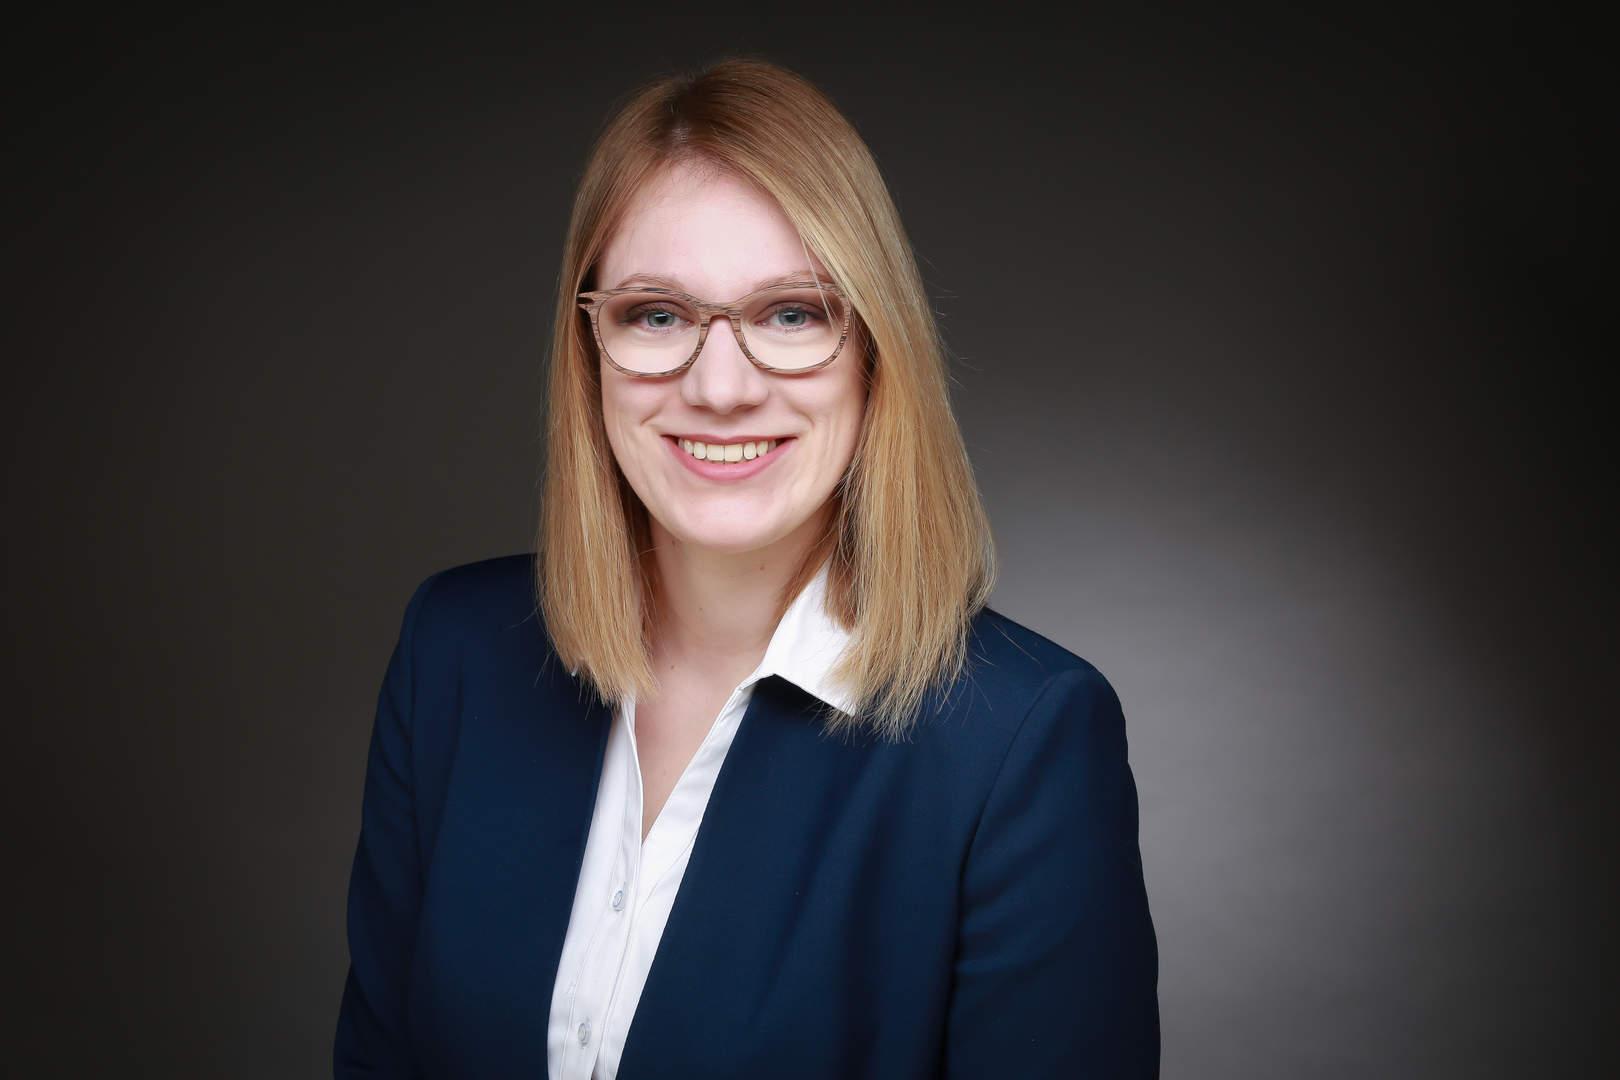 Rechtsanwalt Helena Roosen-Portrait